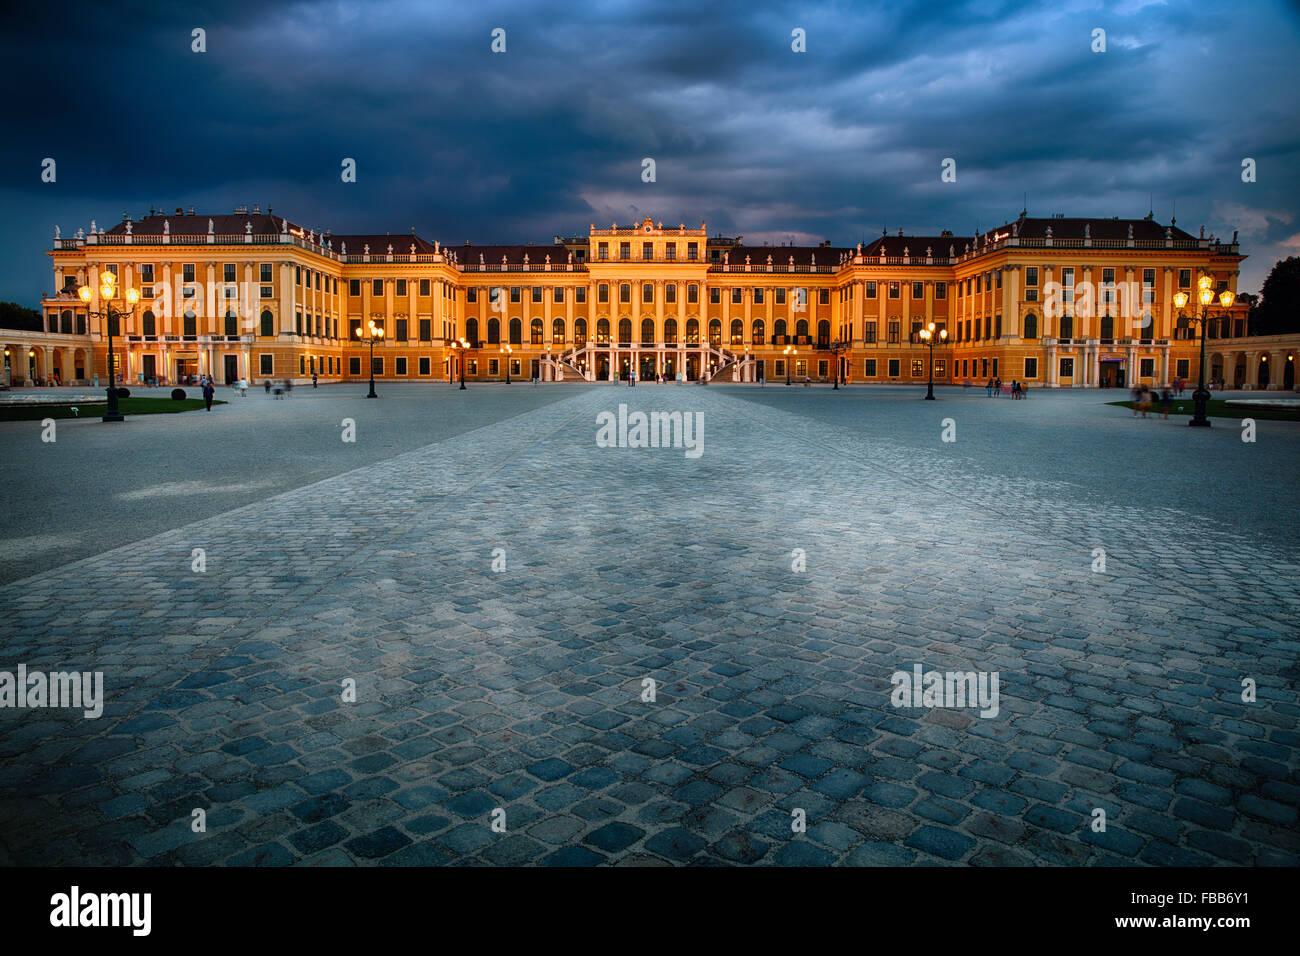 Basso Angolo di visione di un palazzo barocco illuminata di notte, al Palazzo di Schonbrunn, Vienna, Austria Immagini Stock